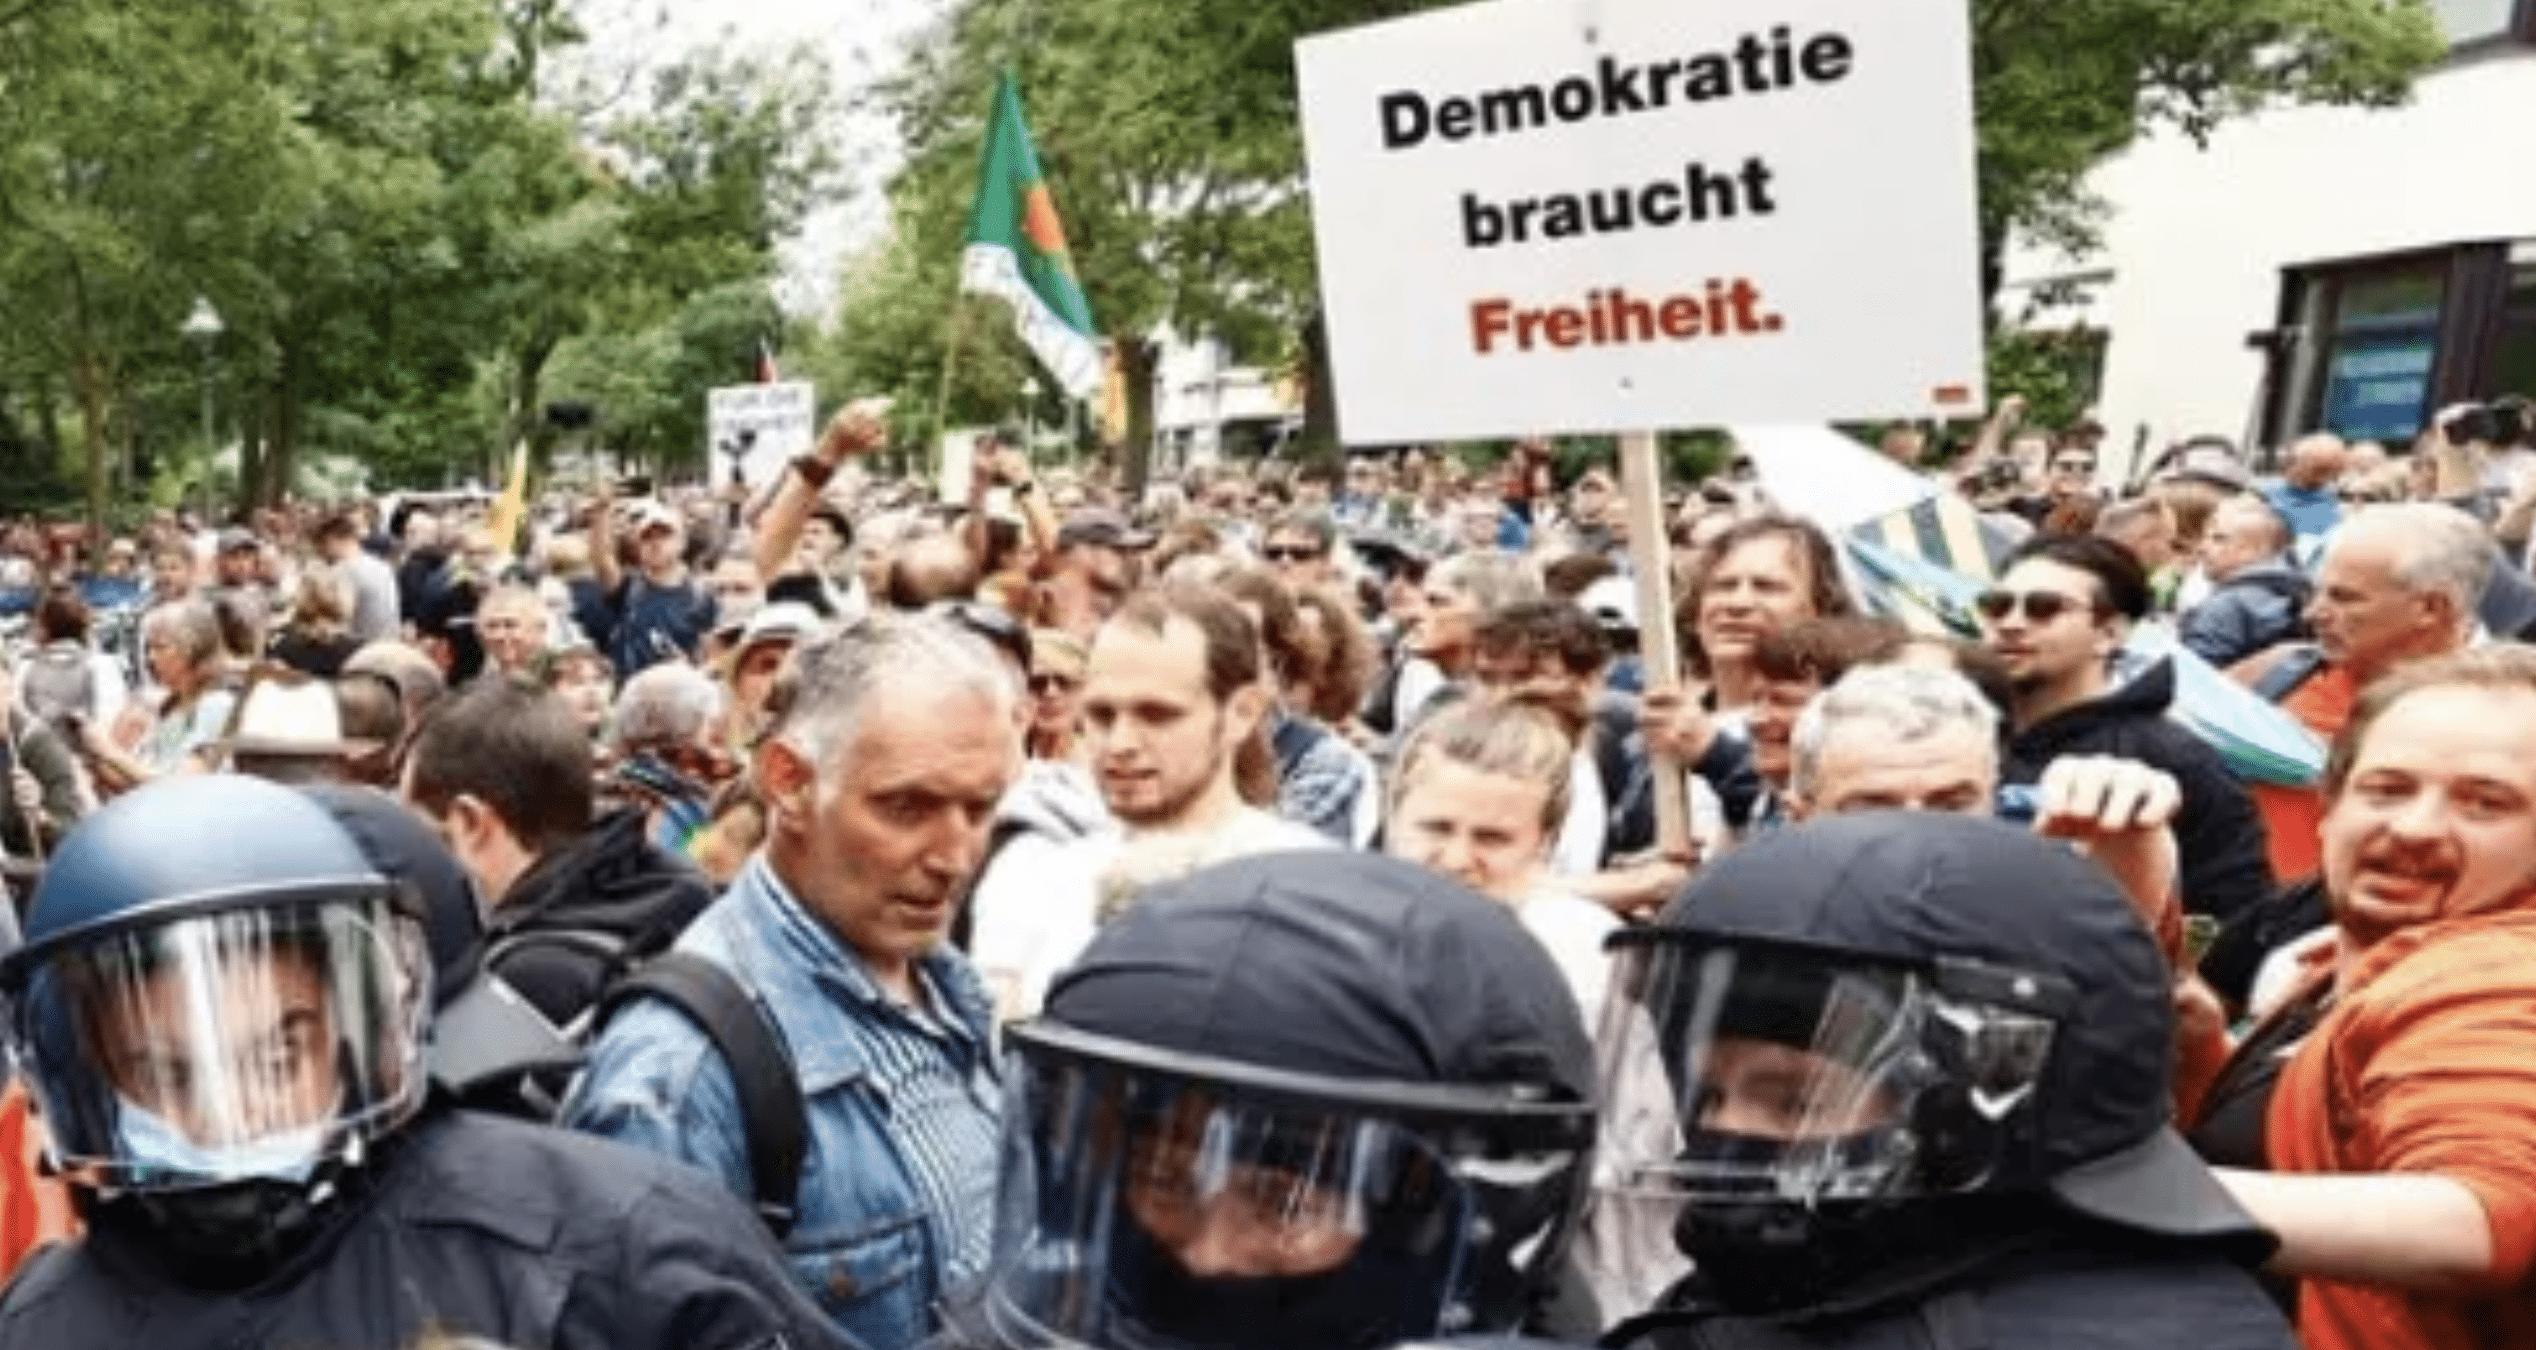 Demokratie braucht Freiheit